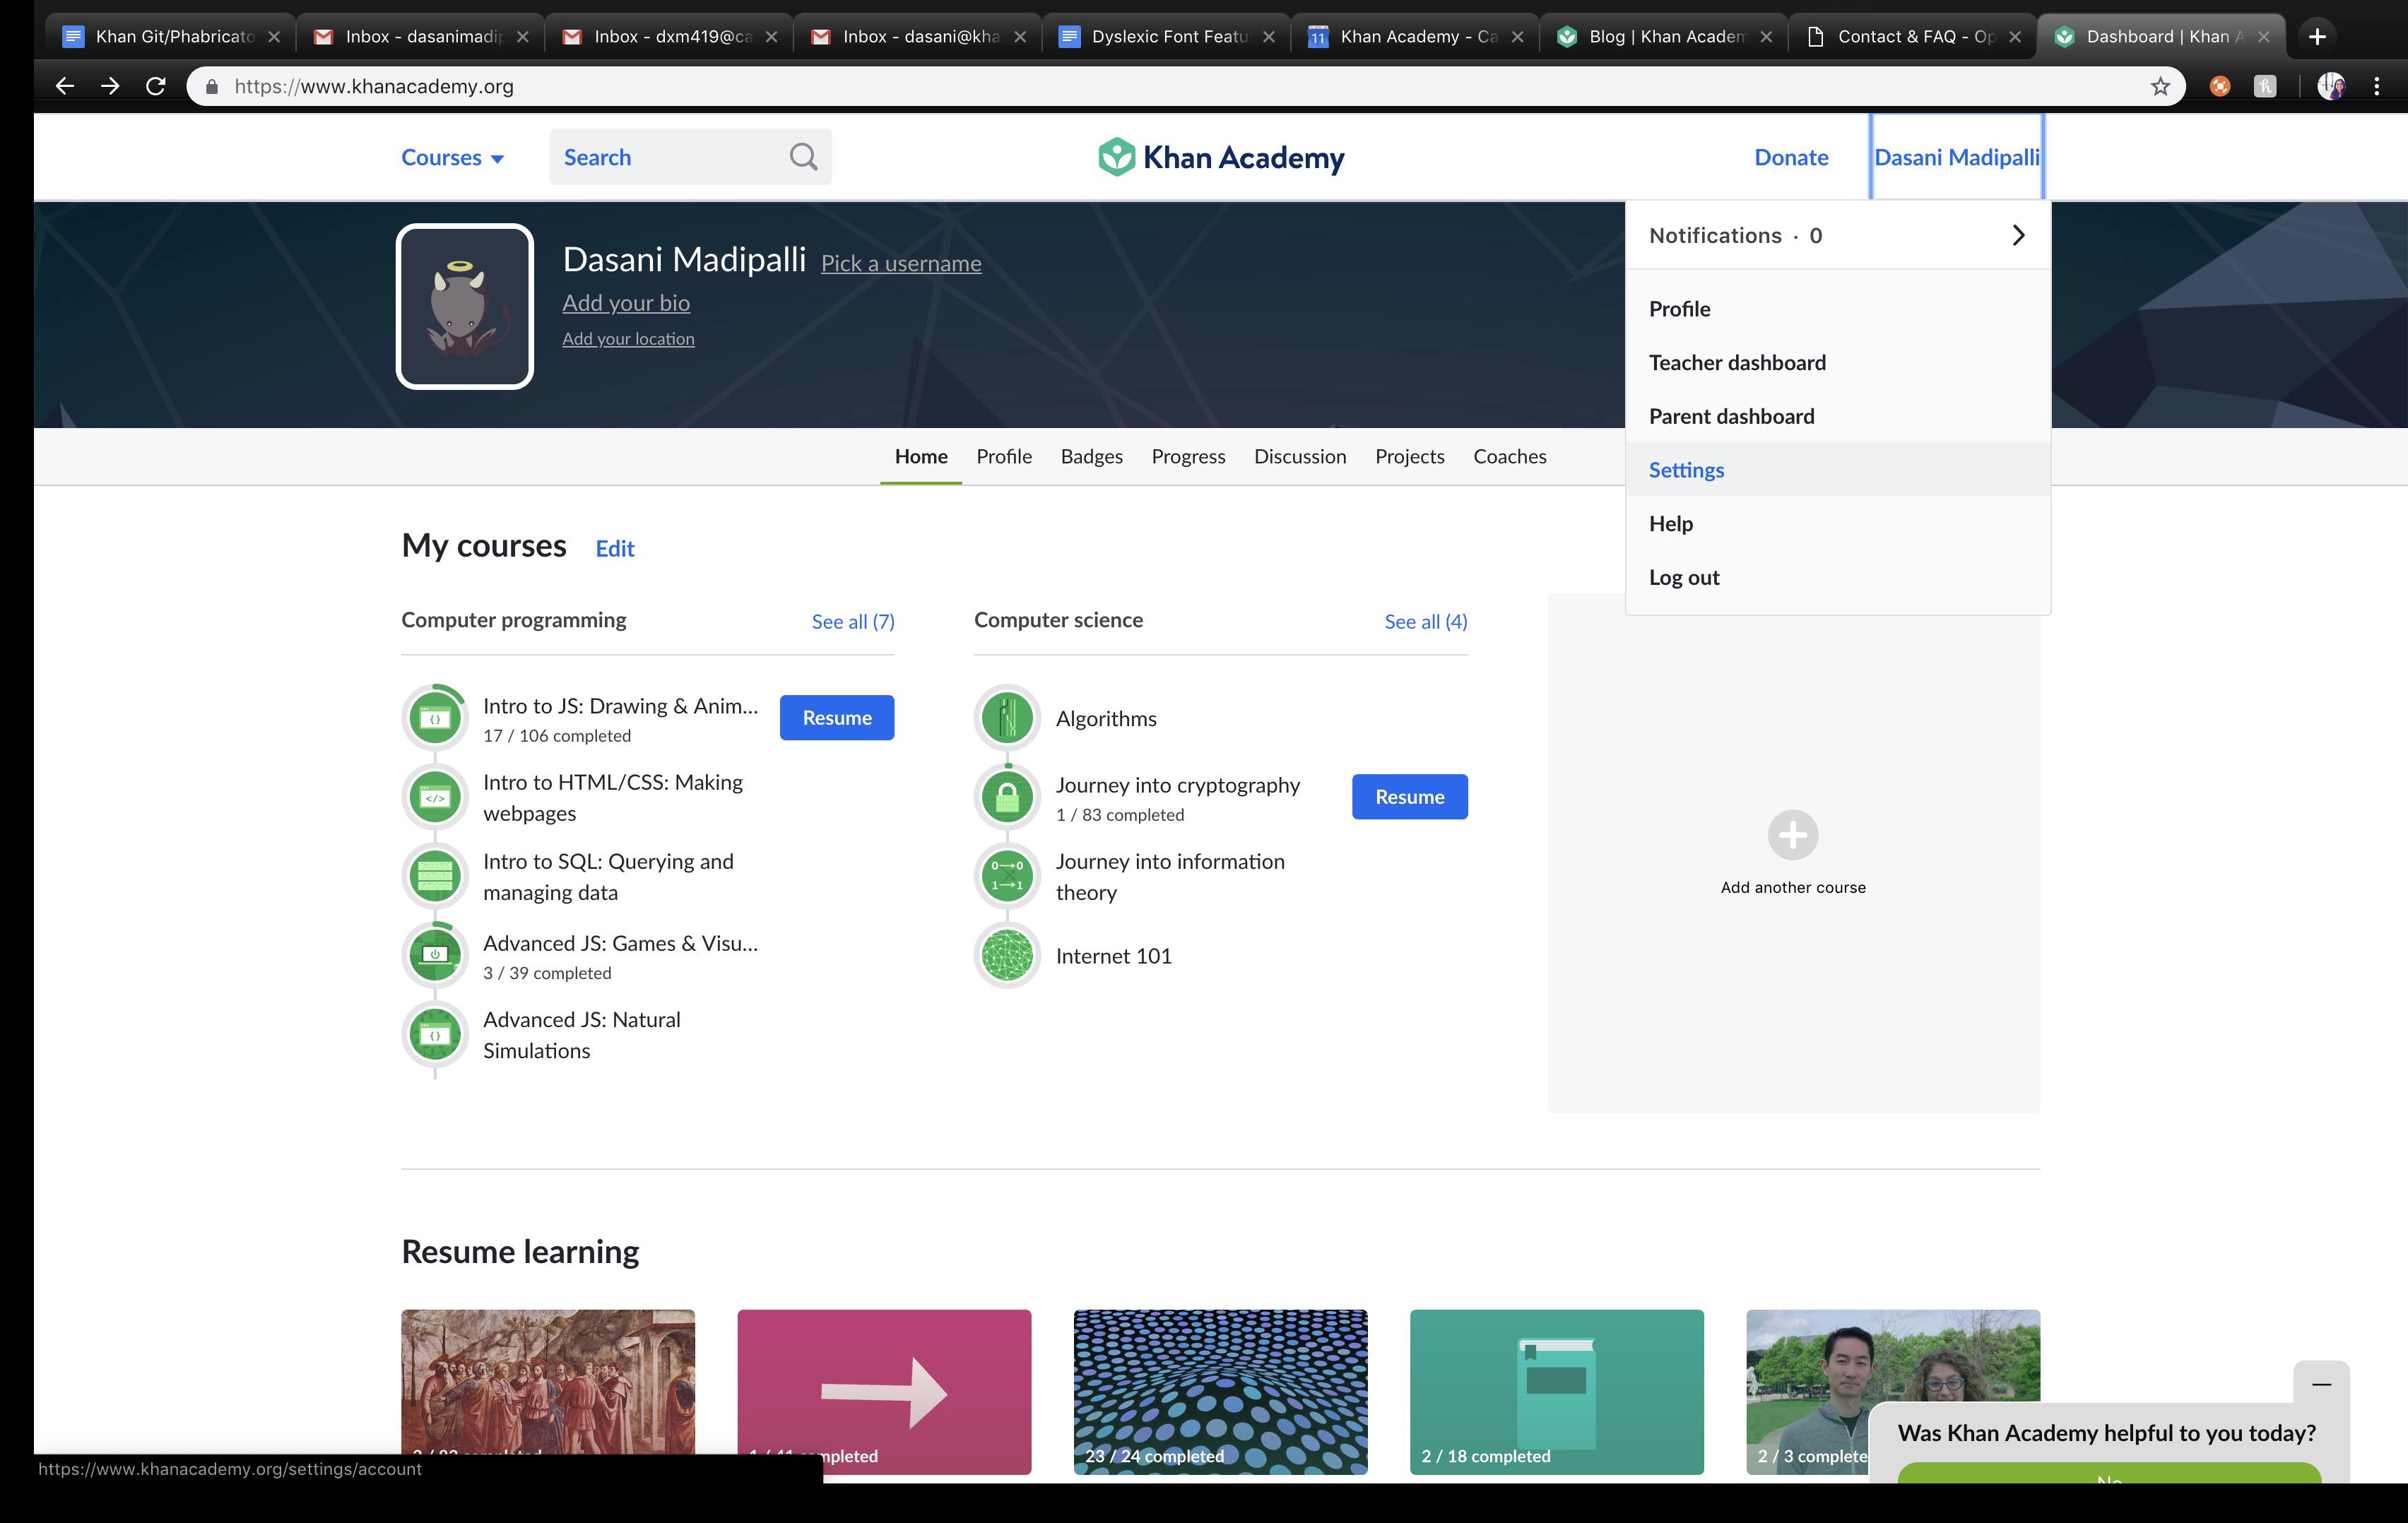 Khan Academy Engineer Screenshot - Disun